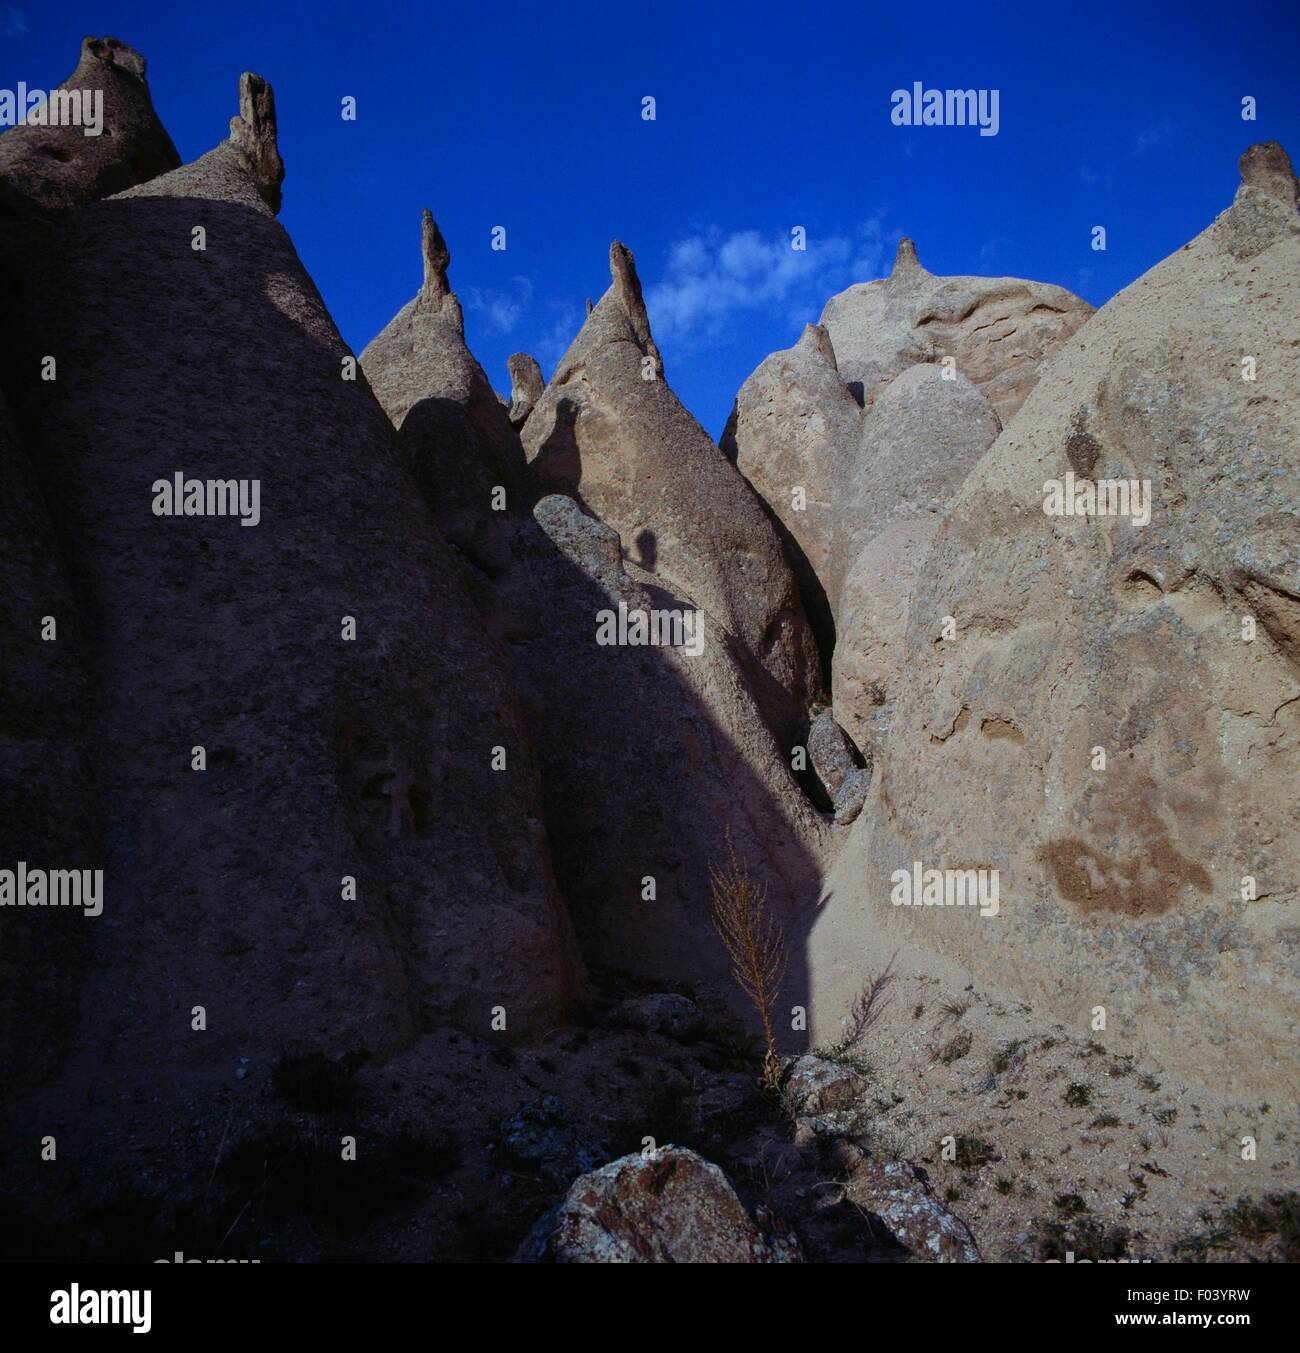 The so-called Fairy Chimneys, pyramidal tuff formations, Cappadocia, Turkey. Stock Photo